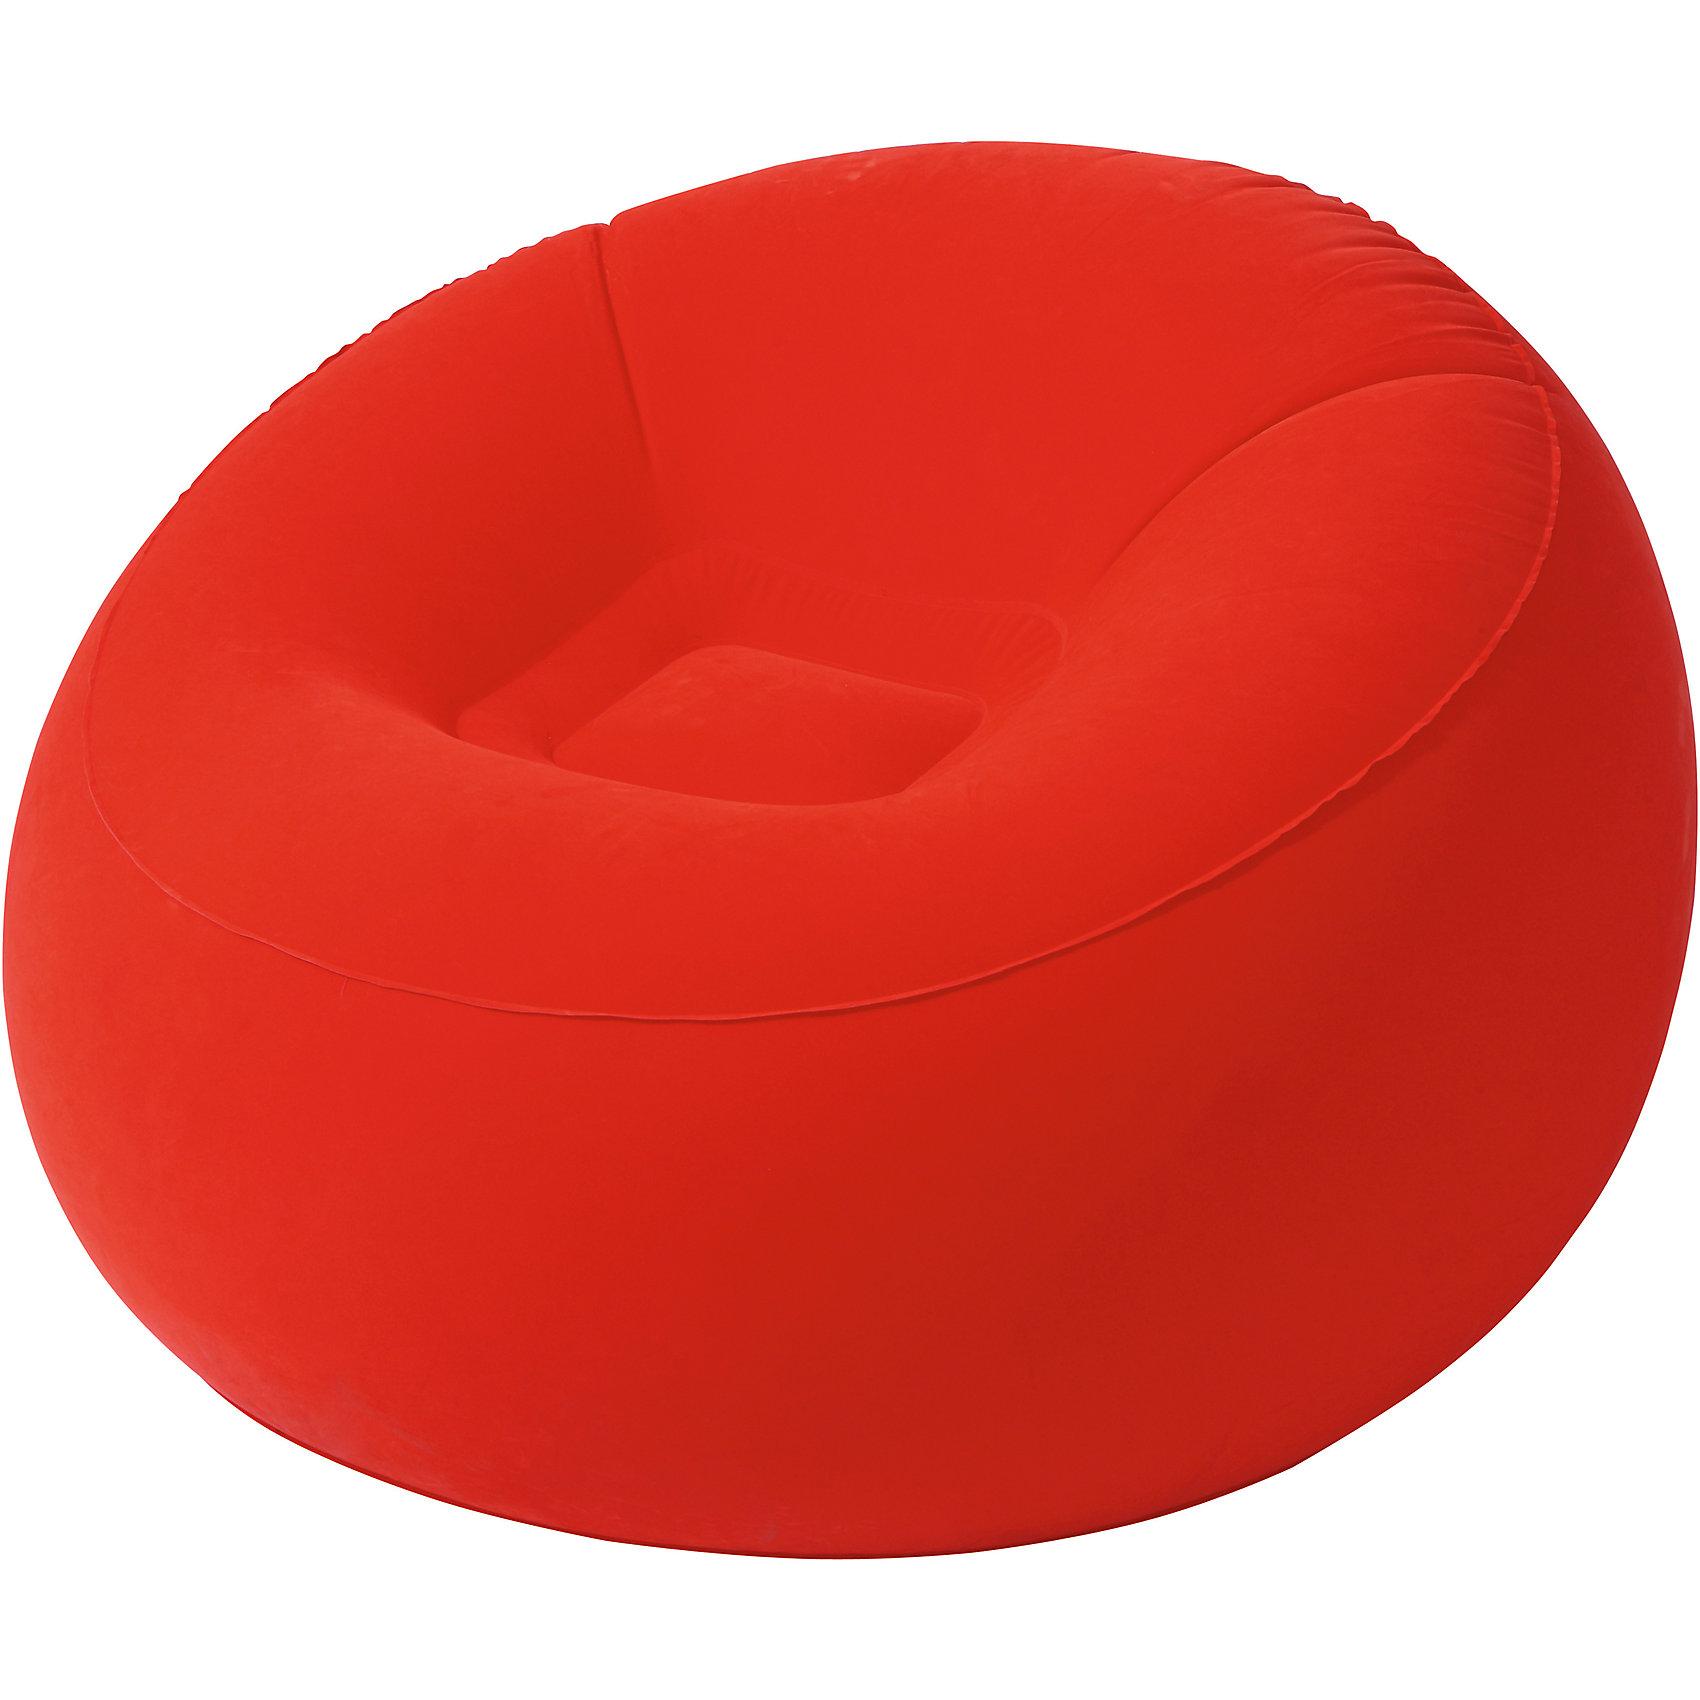 Кресло надувное, 112х112х66 см, красное, BestwayДомики и мебель<br>Кресло надувное, 112х112х66 см, красное, Bestway (Бествей)<br><br>Характеристики:<br><br>• двухкамерная конструкция<br>• мягкое на ощупь<br>• клапан для накачивания и сдувания подходит к любому насосу<br>• заплатка в комплекте<br>• размер: 112х112х66 см<br>• цвет: красный<br>• материал: винил<br>• вес: 1584 грамма<br><br>Яркое надувное кресло - отличное решение для экономии пространства в доме. Кресло имеет двухкамерную конструкцию из высококачественного и прочного винила. Поверхность покрыта флоком, отличающимся высокой мягкостью. Флокированная поверхность не пропускает воду и легко очищается от загрязнений. Клапан для накачивая и сдувания подходит к любому насосу. В комплект входит заплатка для ремонта в случае прокола.<br><br>Кресло надувное, 112х112х66 см, красное, Bestway (Бествей) вы можете купить в нашем интернет-магазине.<br><br>Ширина мм: 510<br>Глубина мм: 305<br>Высота мм: 310<br>Вес г: 1584<br>Возраст от месяцев: 72<br>Возраст до месяцев: 2147483647<br>Пол: Унисекс<br>Возраст: Детский<br>SKU: 5486960